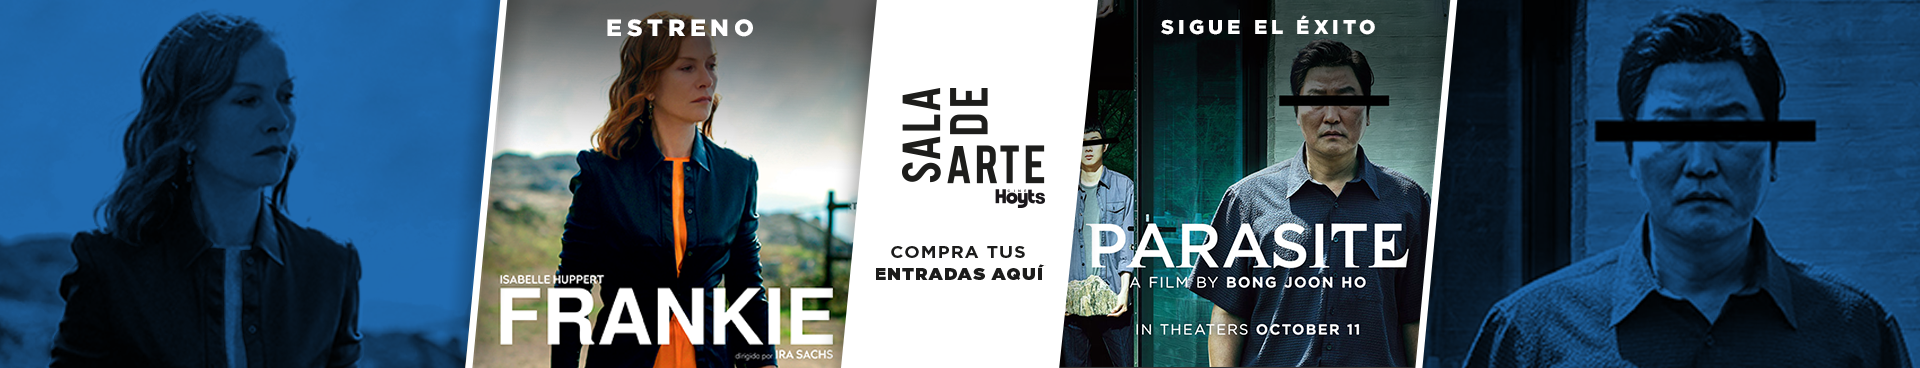 SALA DE ARTE: ESTRENO FRANKIE + SIGUE EL EXITO PARASITE, COMPRA TUS ENTRADAS AQUÍ